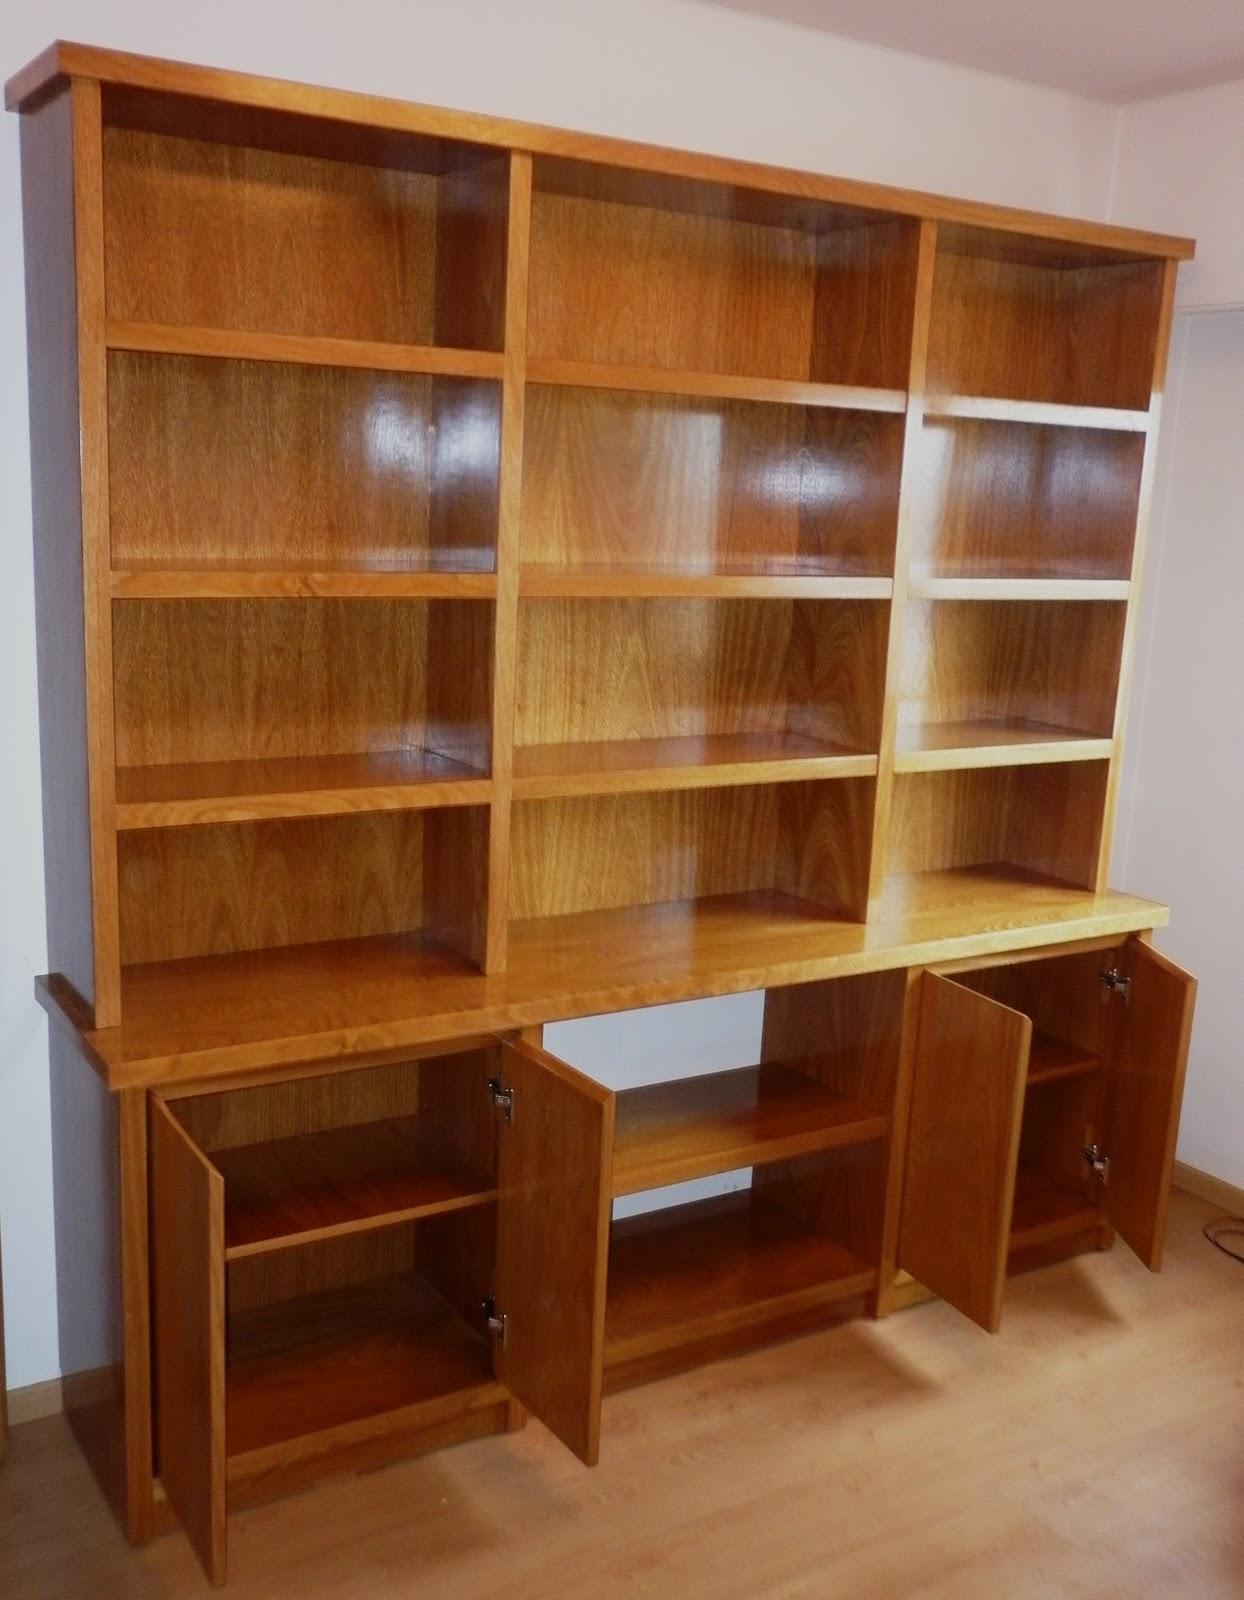 Reynaga muebles biblioteca en roble de 2 m de ancho con for Muebles de biblioteca